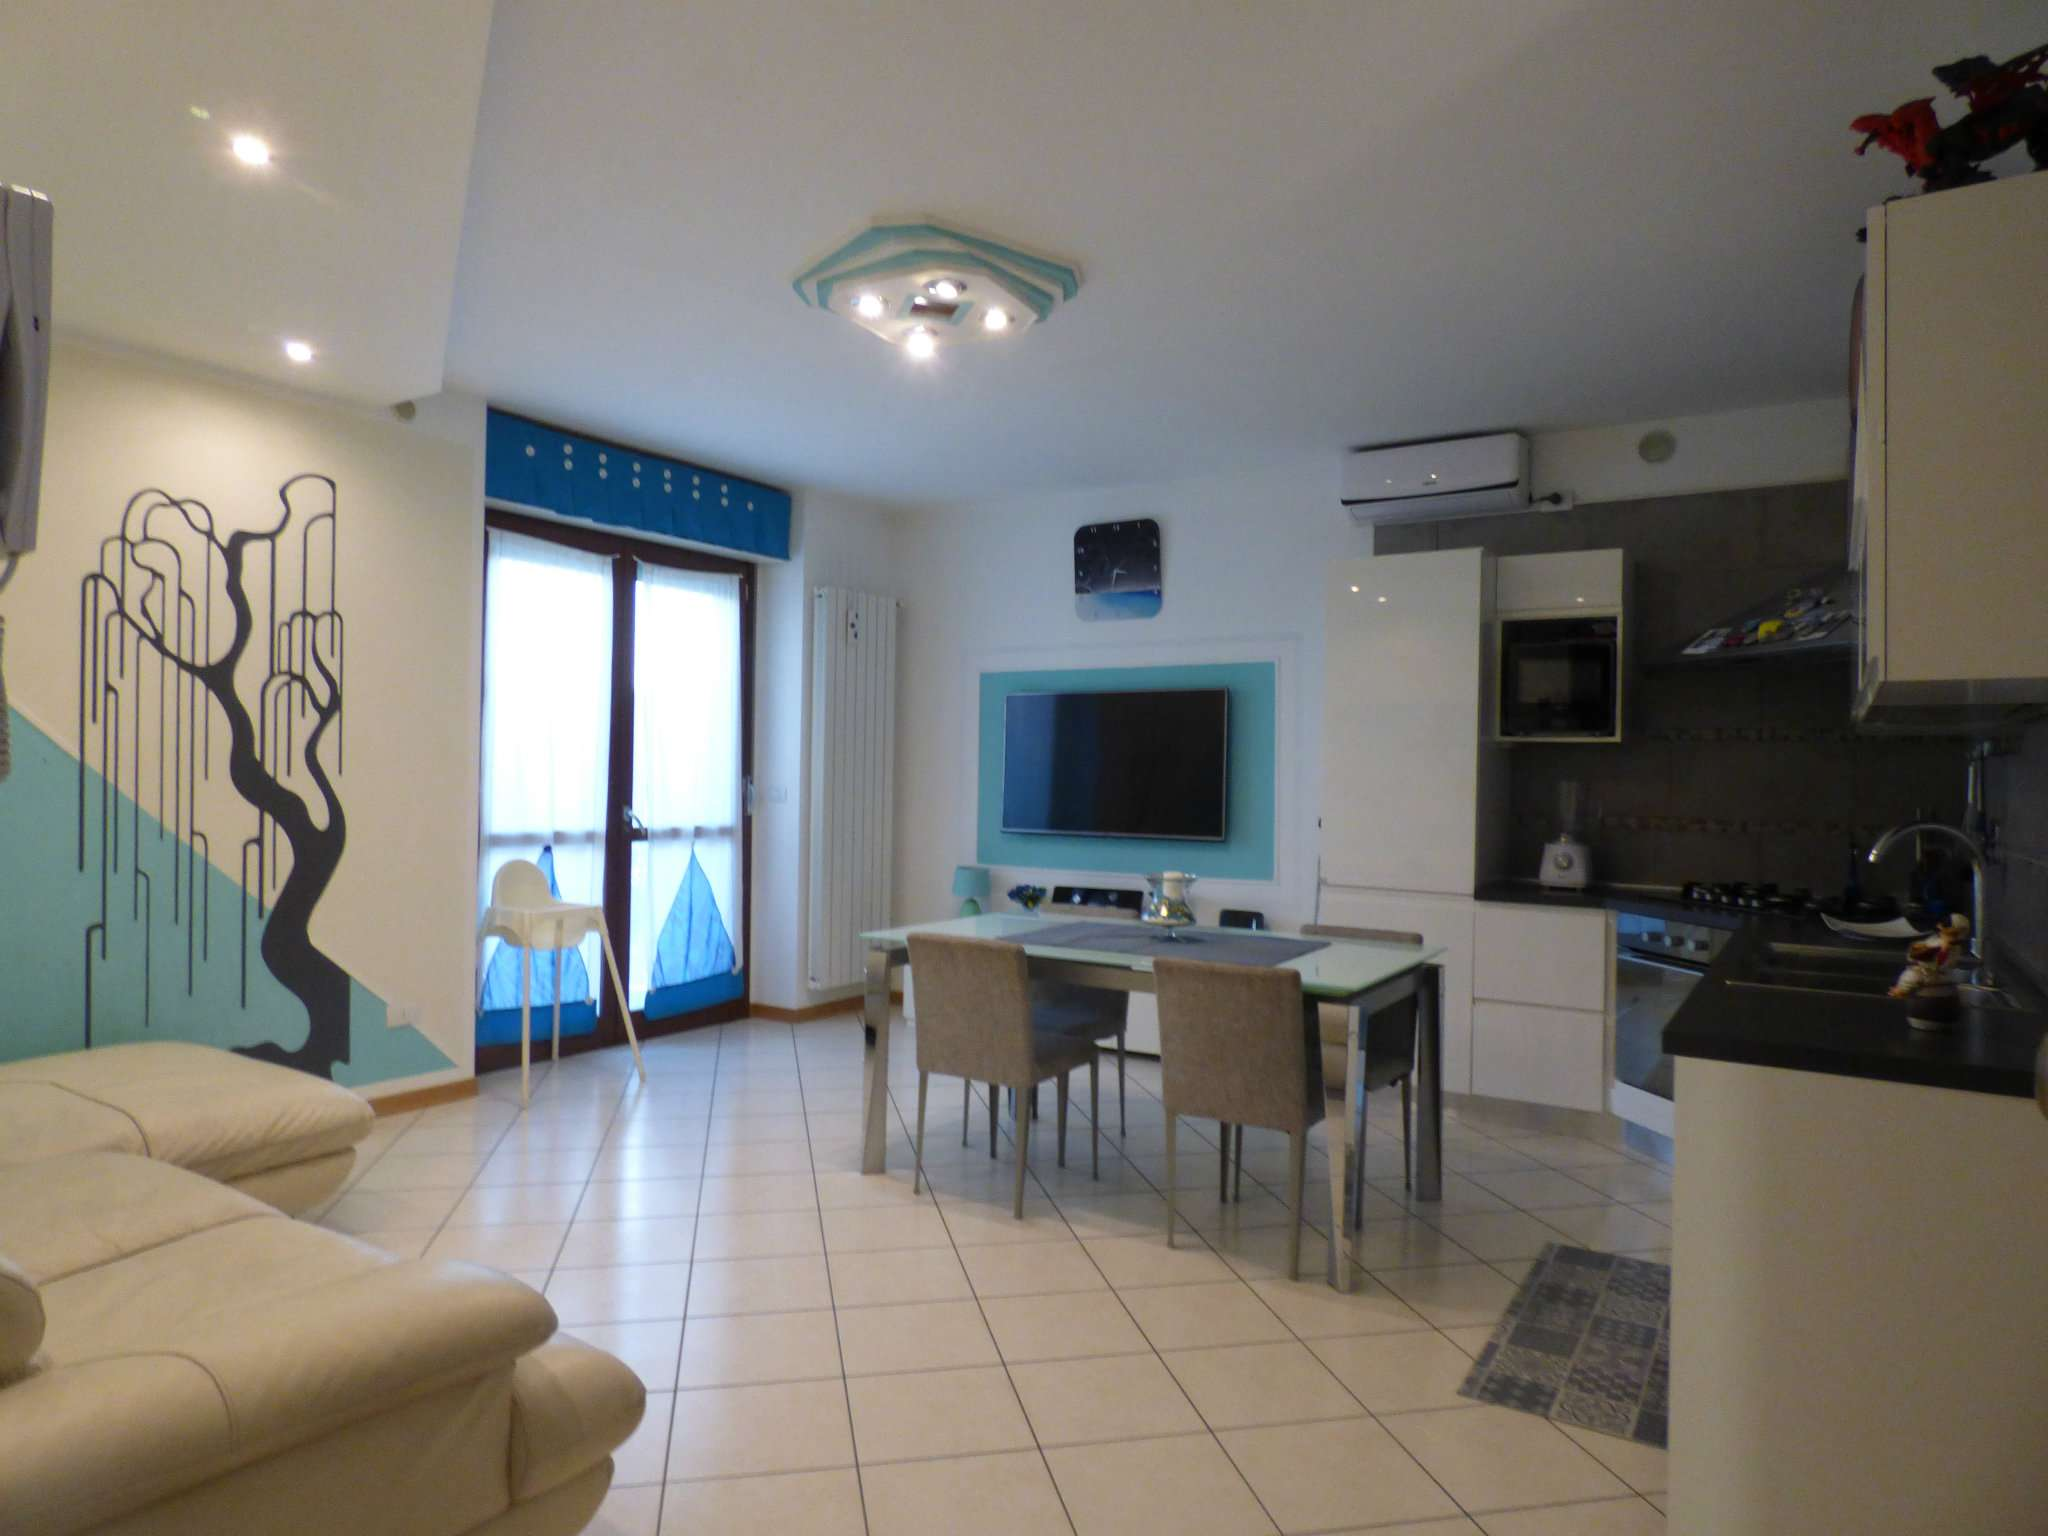 Appartamento in vendita a Borgaro Torinese, 2 locali, prezzo € 136.000 | PortaleAgenzieImmobiliari.it